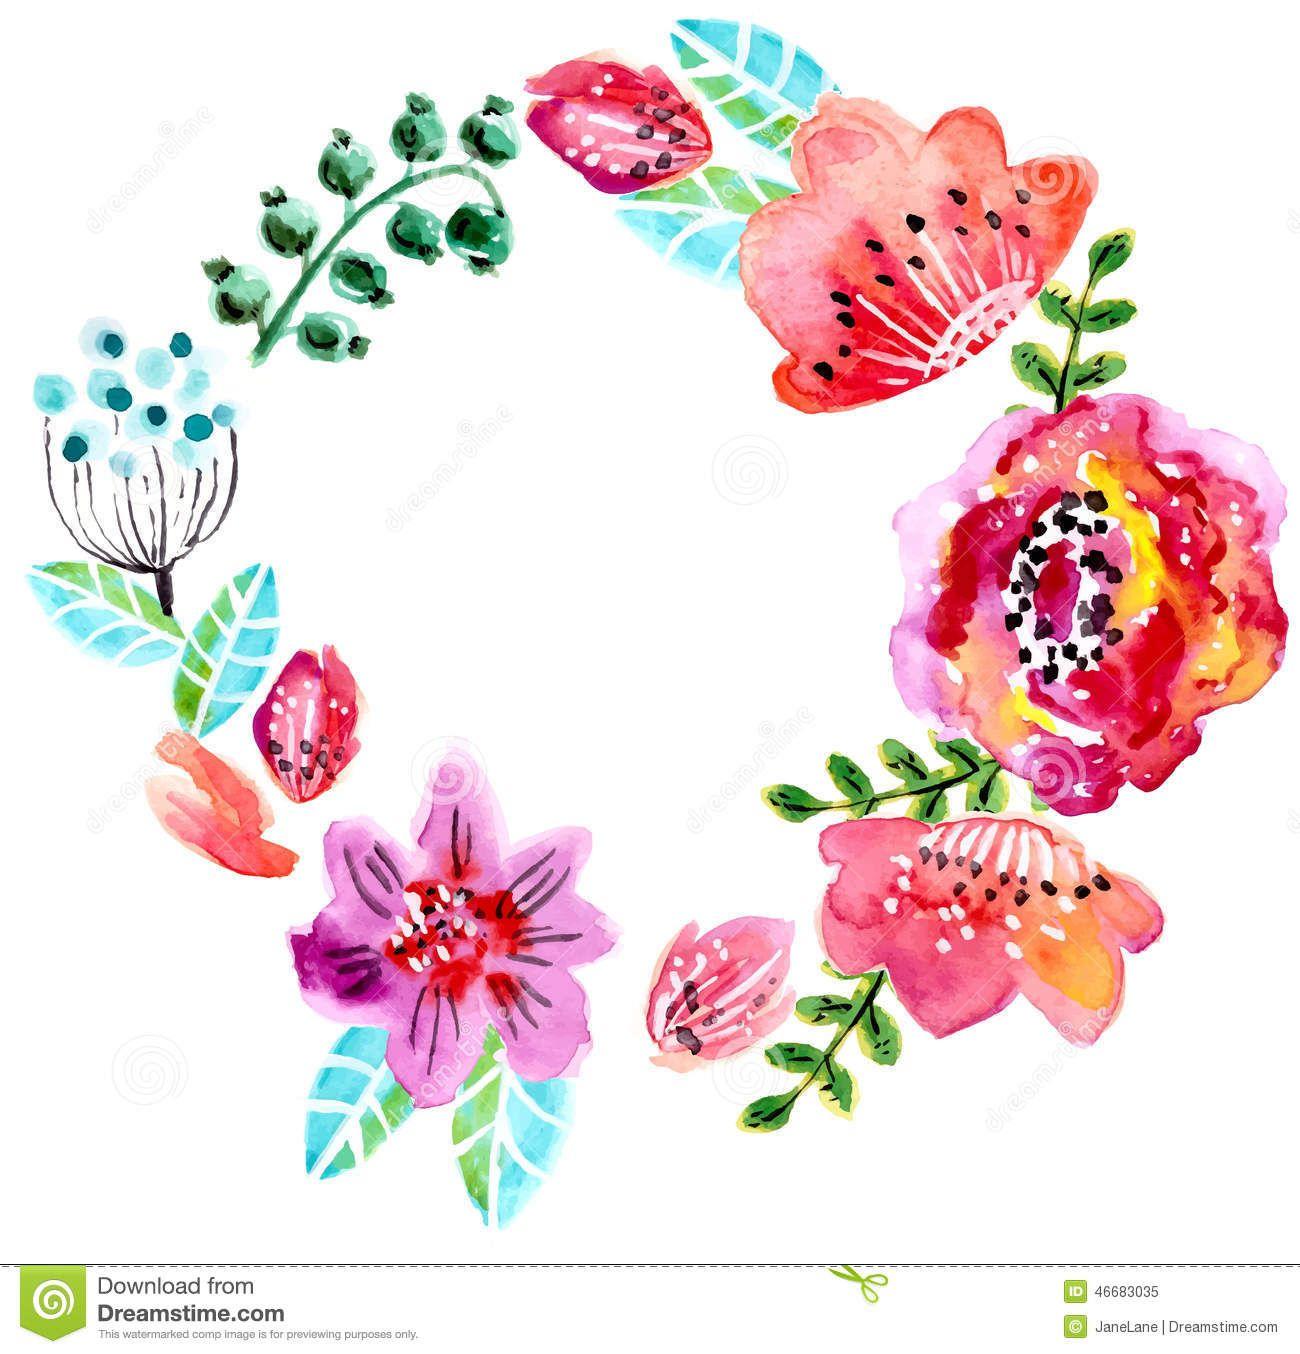 نتيجة بحث الصور عن floral png Printable wall art